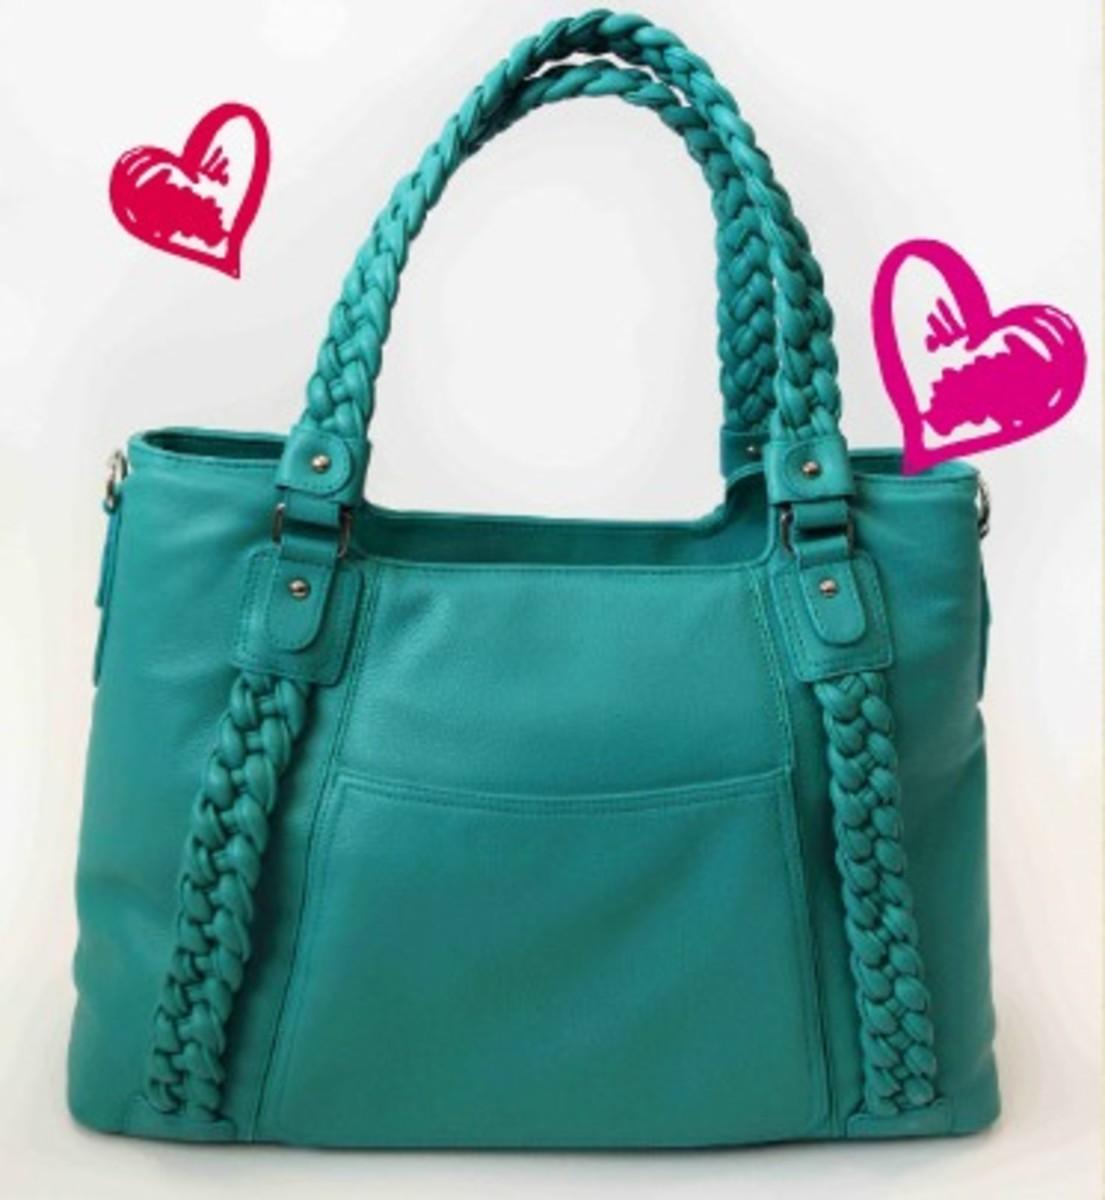 Clover bag image